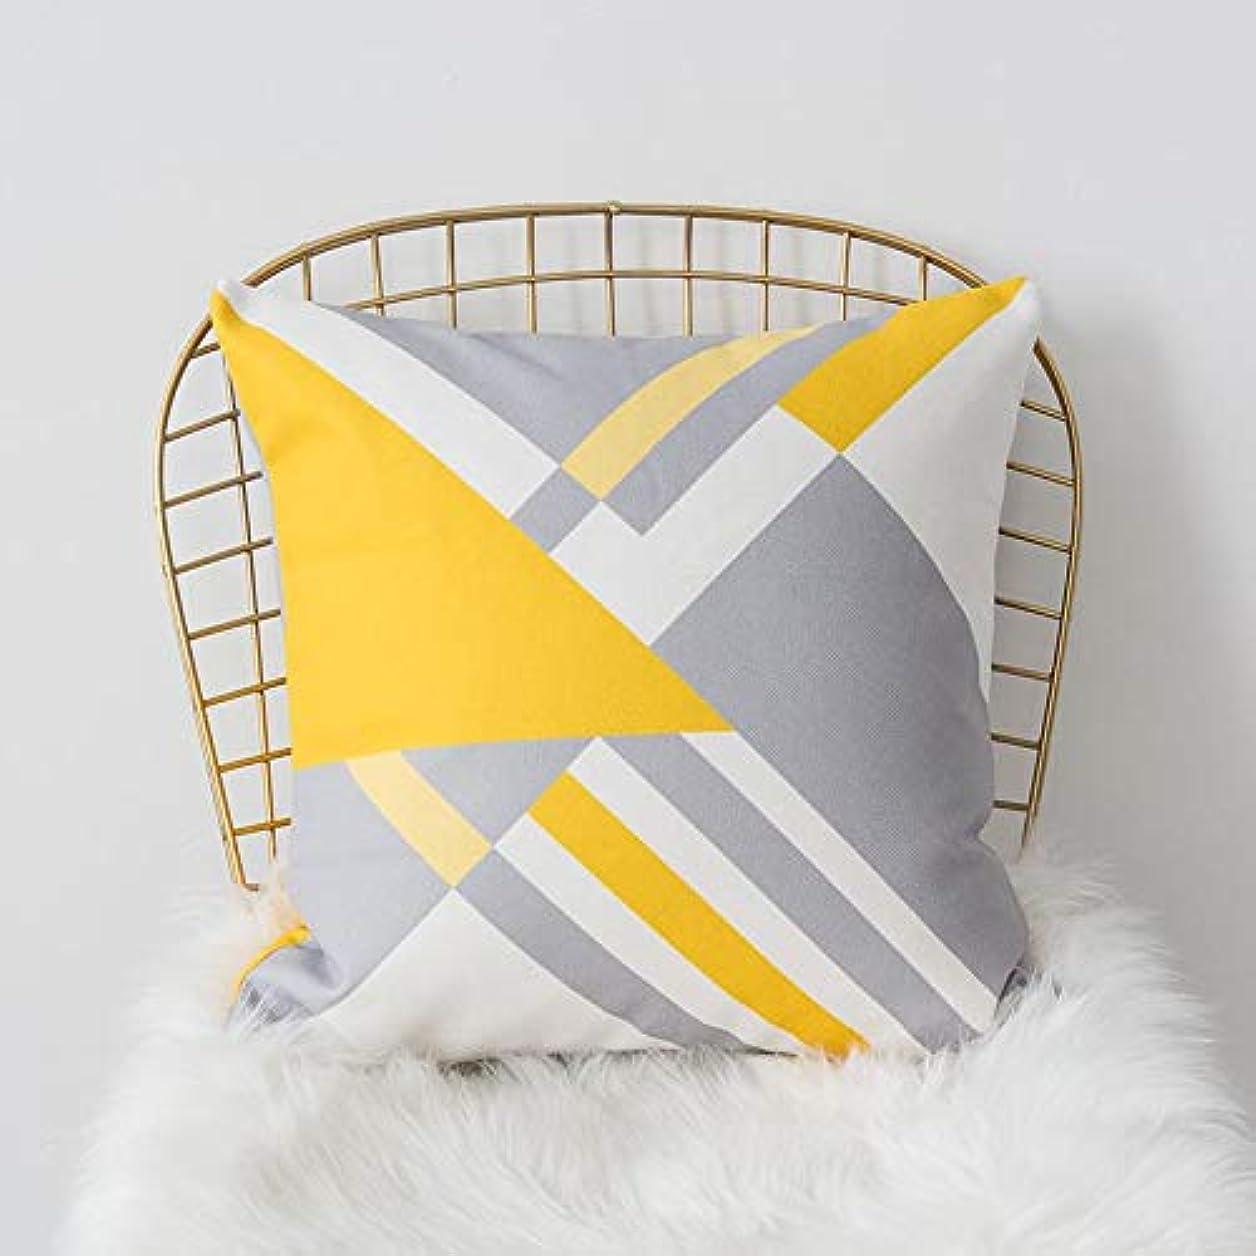 パッチ不名誉な隣接LIFE 黄色グレー枕北欧スタイル黄色ヘラジカ幾何枕リビングルームのインテリアソファクッション Cojines 装飾良質 クッション 椅子